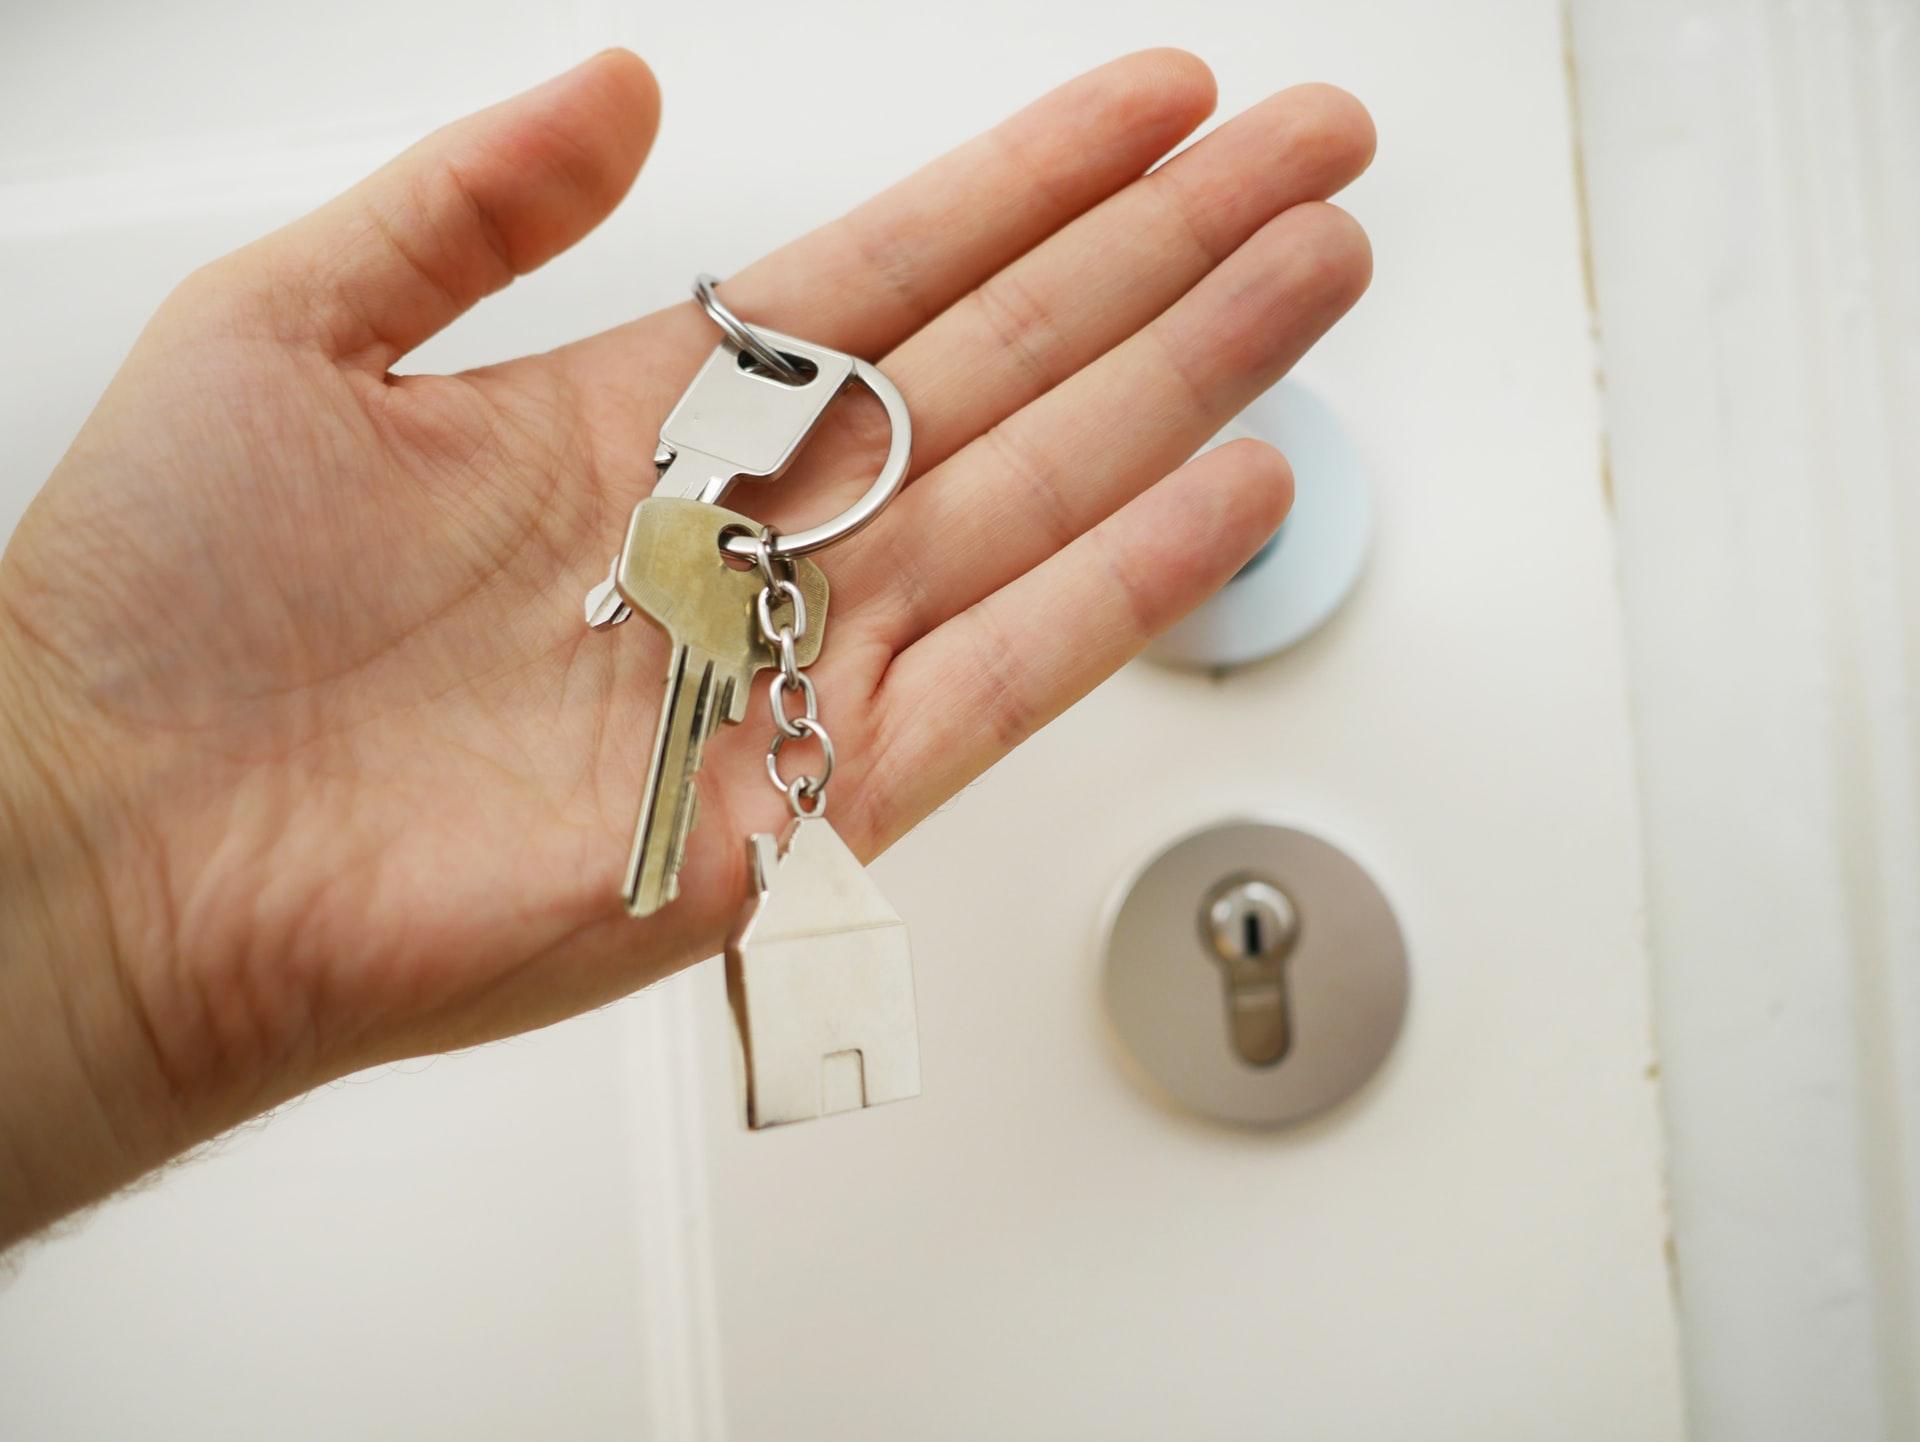 Berufsfeld Immobilienmakler – Hat dieser Beruf noch eine Zukunft?